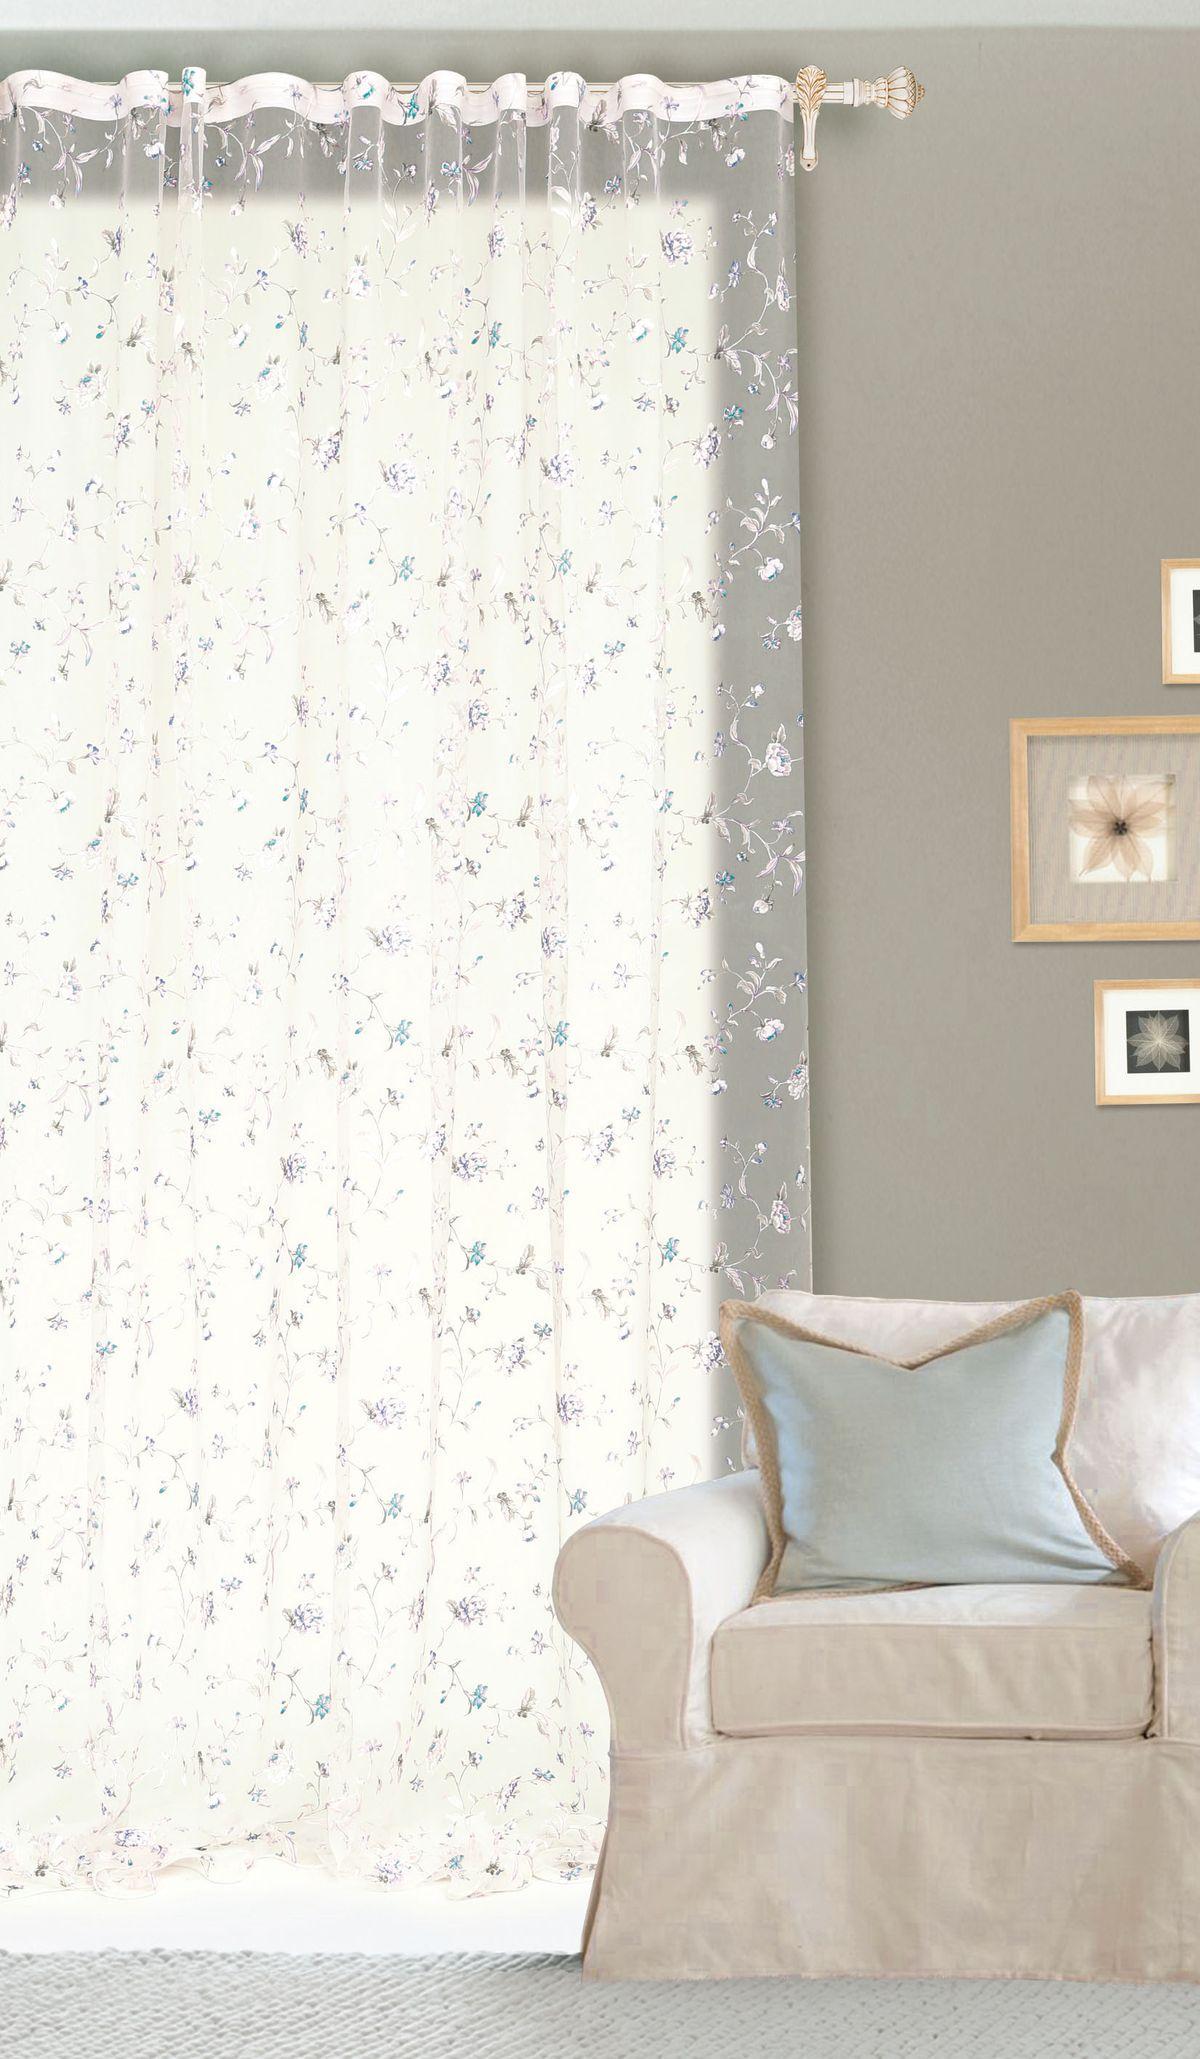 Штора готовая Garden, на ленте, цвет: белый, 300х260 см. С 10250 - W260 V5705528Изящная штора для гостиной Garden выполнена из ткани с оригинальной структурой. Приятная текстура и цвет штор привлекут к себе внимание и органично впишутся в интерьер помещения. Штора крепится на карниз при помощи ленты, которая поможет красиво и равномерно задрапировать верх.